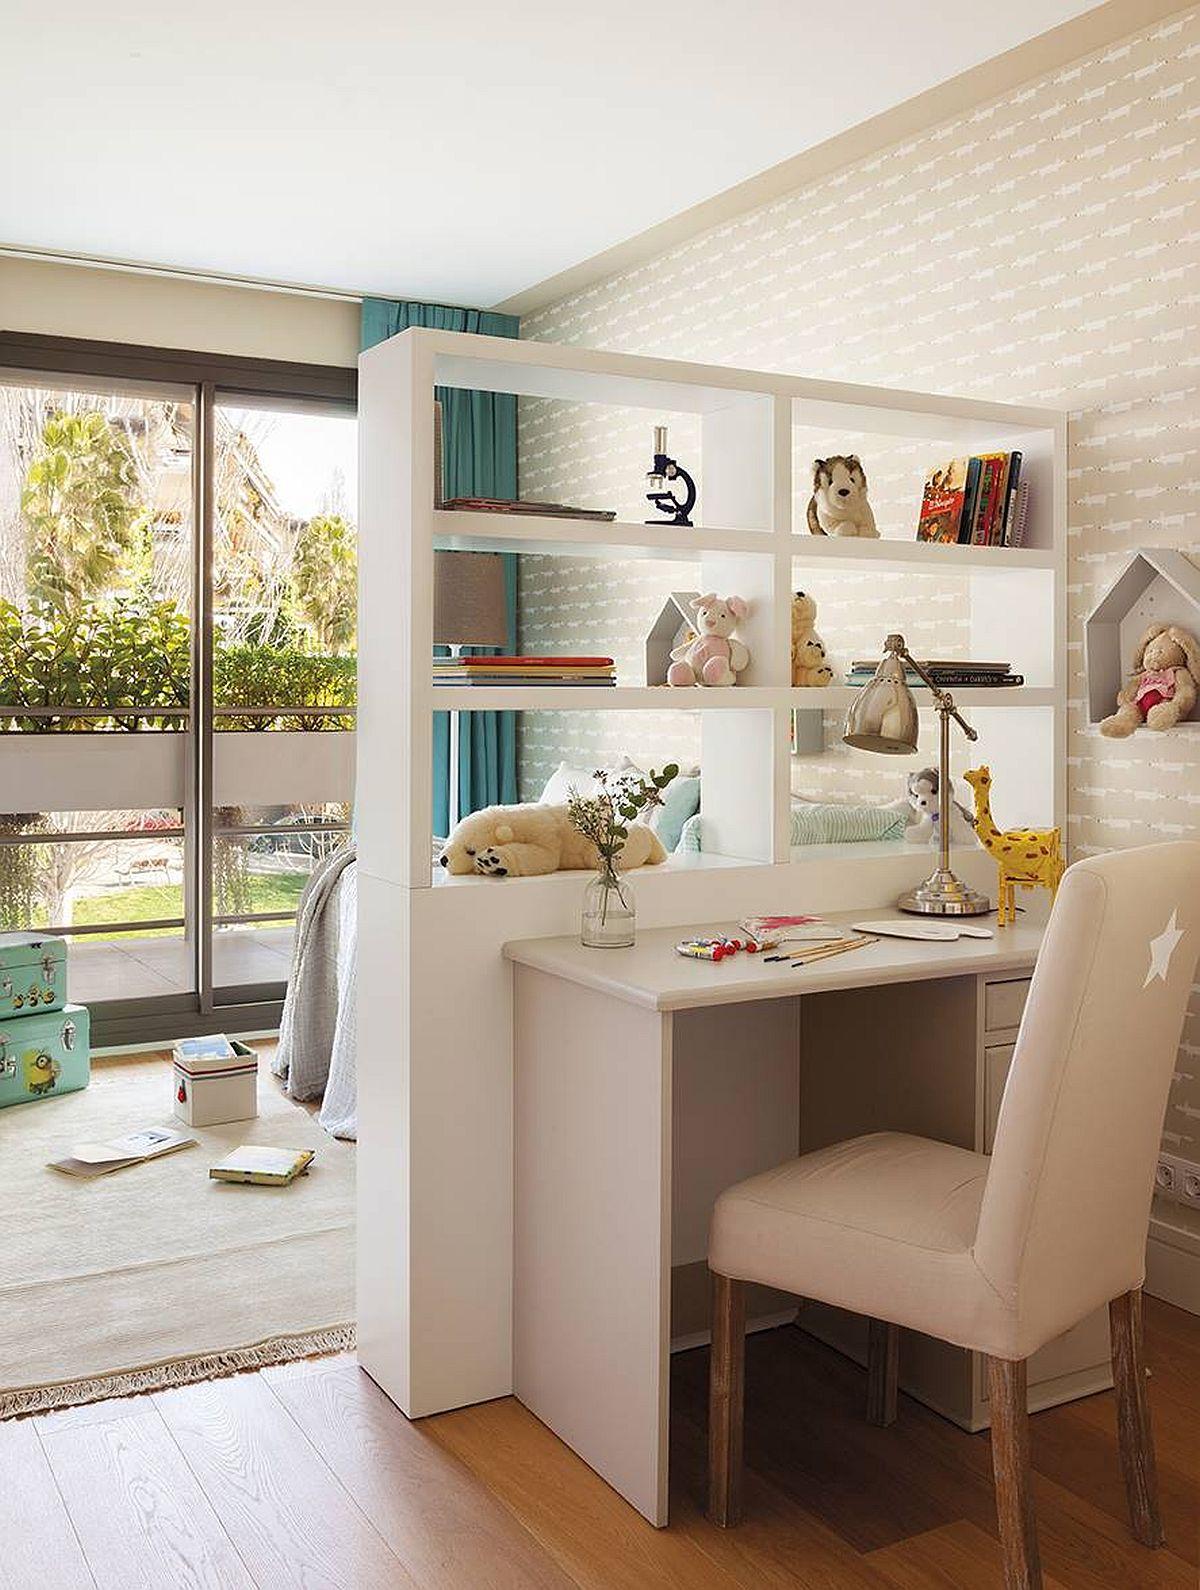 În blocurile noi, camerele pot avea ferestre până jos, ceea ce face mai dificilă poziționarea biroului în fața ferestrei. Soluția? Prin mobilare pe comandă cu o etajeră care lasă lumină să treacă, dar separă zona de studiu față de pat.